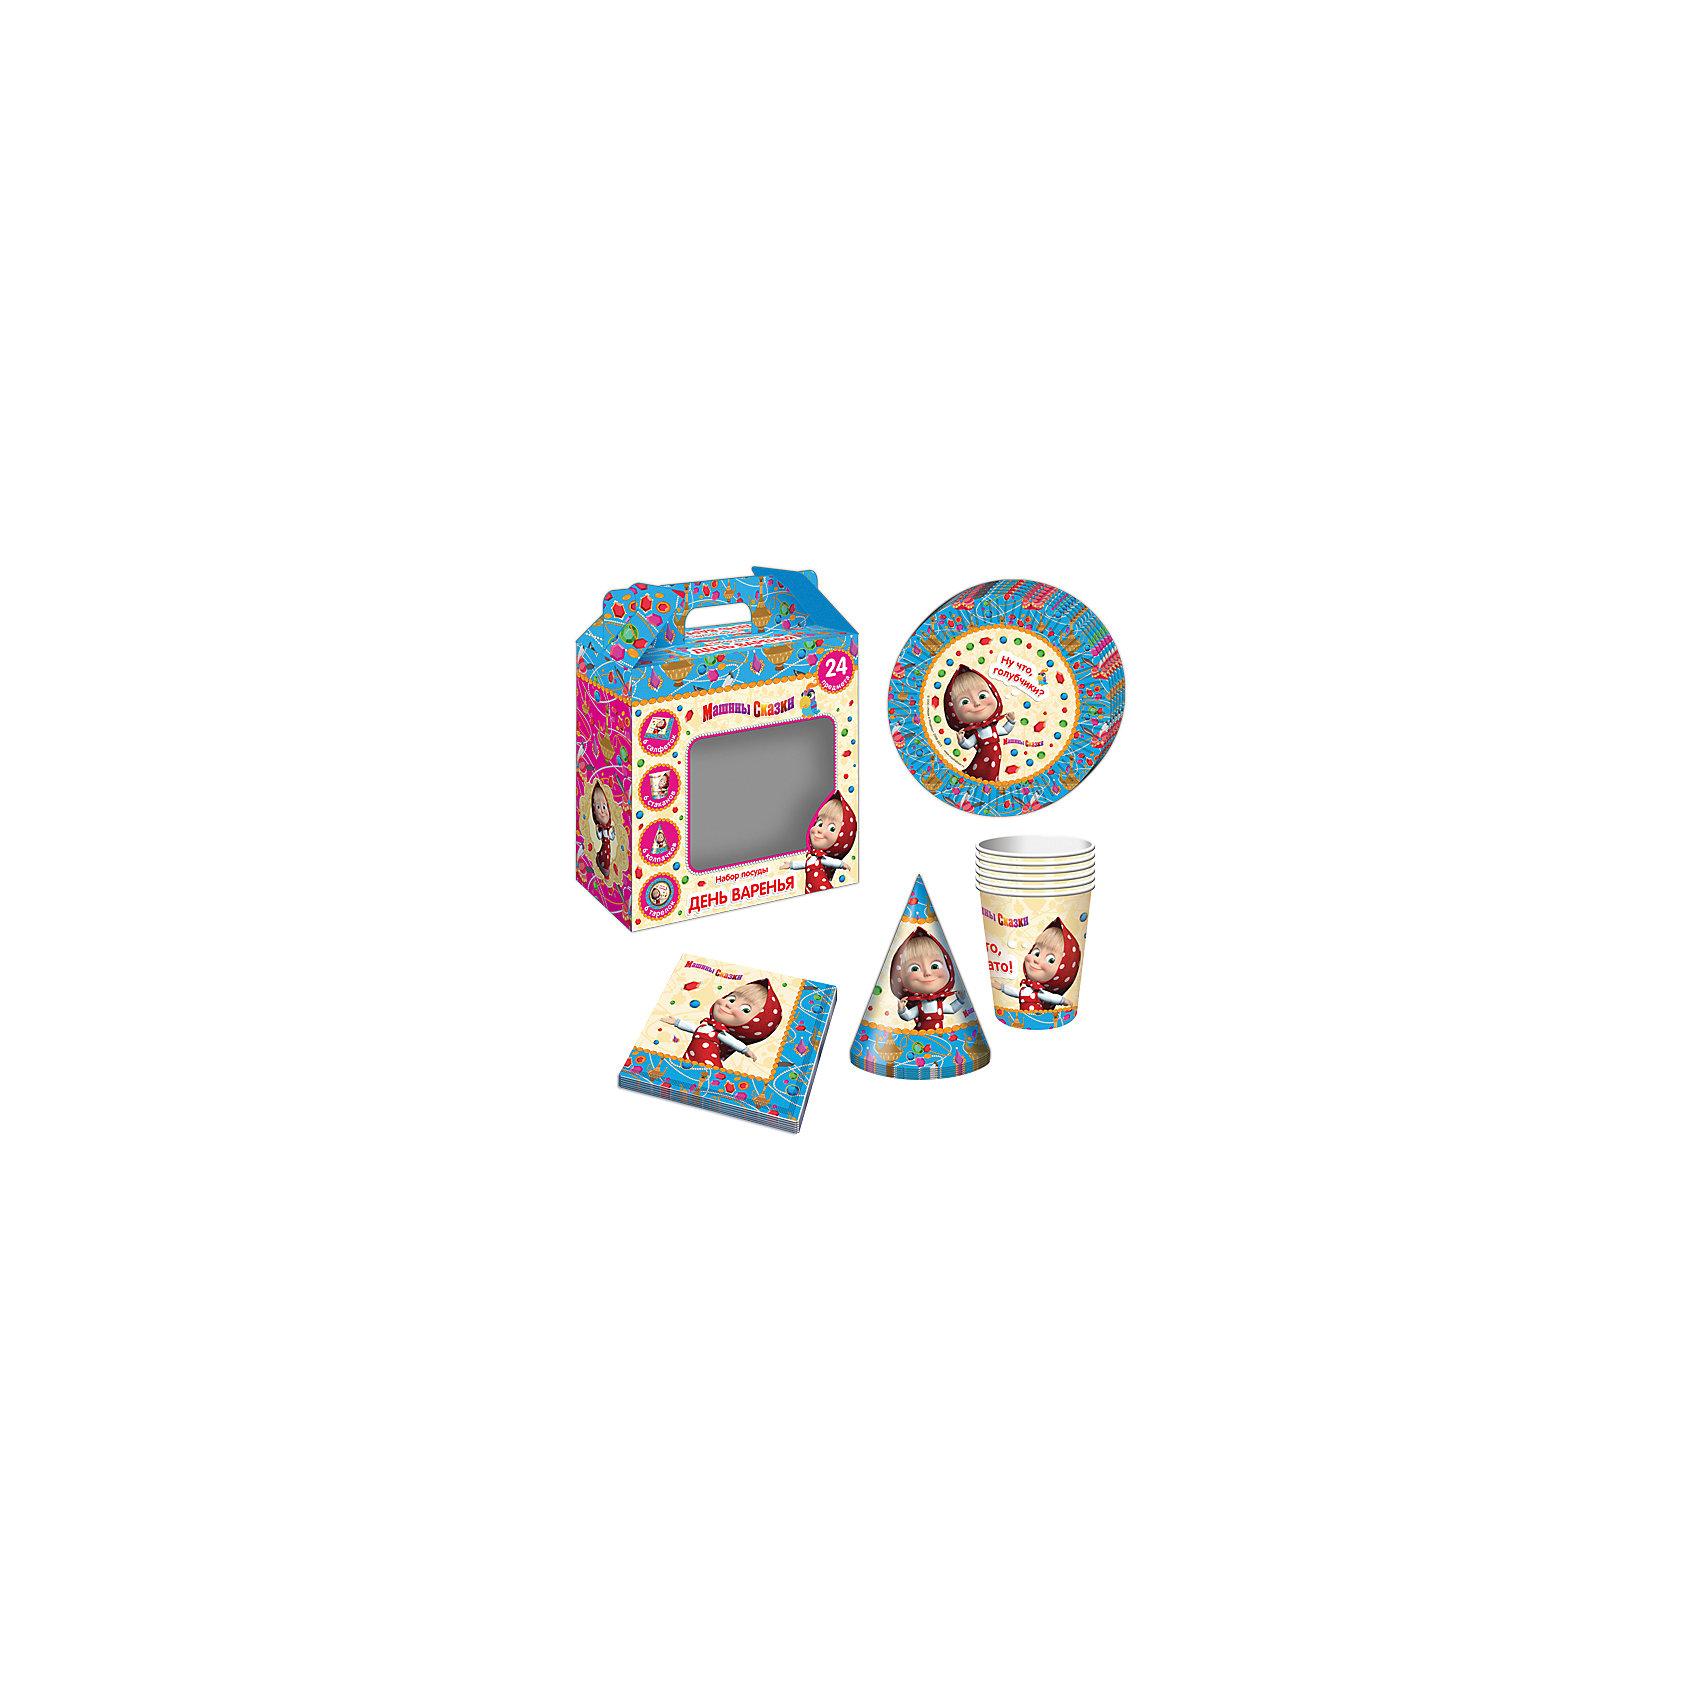 Набор посуды Машины сказки (24 предмета)Набор посуды Машины сказки (24 предмета) - этот набор замечательно подойдет для детского праздника и поможет красиво сервировать стол.<br>С подарочным набором «Машины сказки» детский праздник станет по-настоящему незабываемым! Красочный дизайн с любимой героиней поднимет настроение всем: и детям, и даже взрослым. Колпачки помогут организовать множество увлекательных игр. А красивая посуда и салфетки ярко украсят стол и принесут практическую пользу: одноразовые тарелки и стаканы почти невесомы, не могут разбиться, их не надо мыть. Сделанная из бумаги, такая посуда абсолютно безопасна и, благодаря специальному покрытию, прекрасно удерживает еду и напитки.<br><br>Дополнительная информация:<br><br>- В наборе 24 предмета на 6 персон: 6 тарелок диаметром 18 см, 6 стаканов объемом 210 мл, 6 бумажных колпачков на резинках, 6 бумажных салфеток<br>- Материал: бумага<br>- Упаковка: красочная подарочная коробка<br>- Размер упаковки: 190 х 240 х 85 мм.<br>- Вес: 300 гр.<br><br>Набор посуды Машины сказки (24 предмета) можно купить в нашем интернет-магазине.<br><br>Ширина мм: 190<br>Глубина мм: 240<br>Высота мм: 85<br>Вес г: 300<br>Возраст от месяцев: 36<br>Возраст до месяцев: 84<br>Пол: Женский<br>Возраст: Детский<br>SKU: 4278307